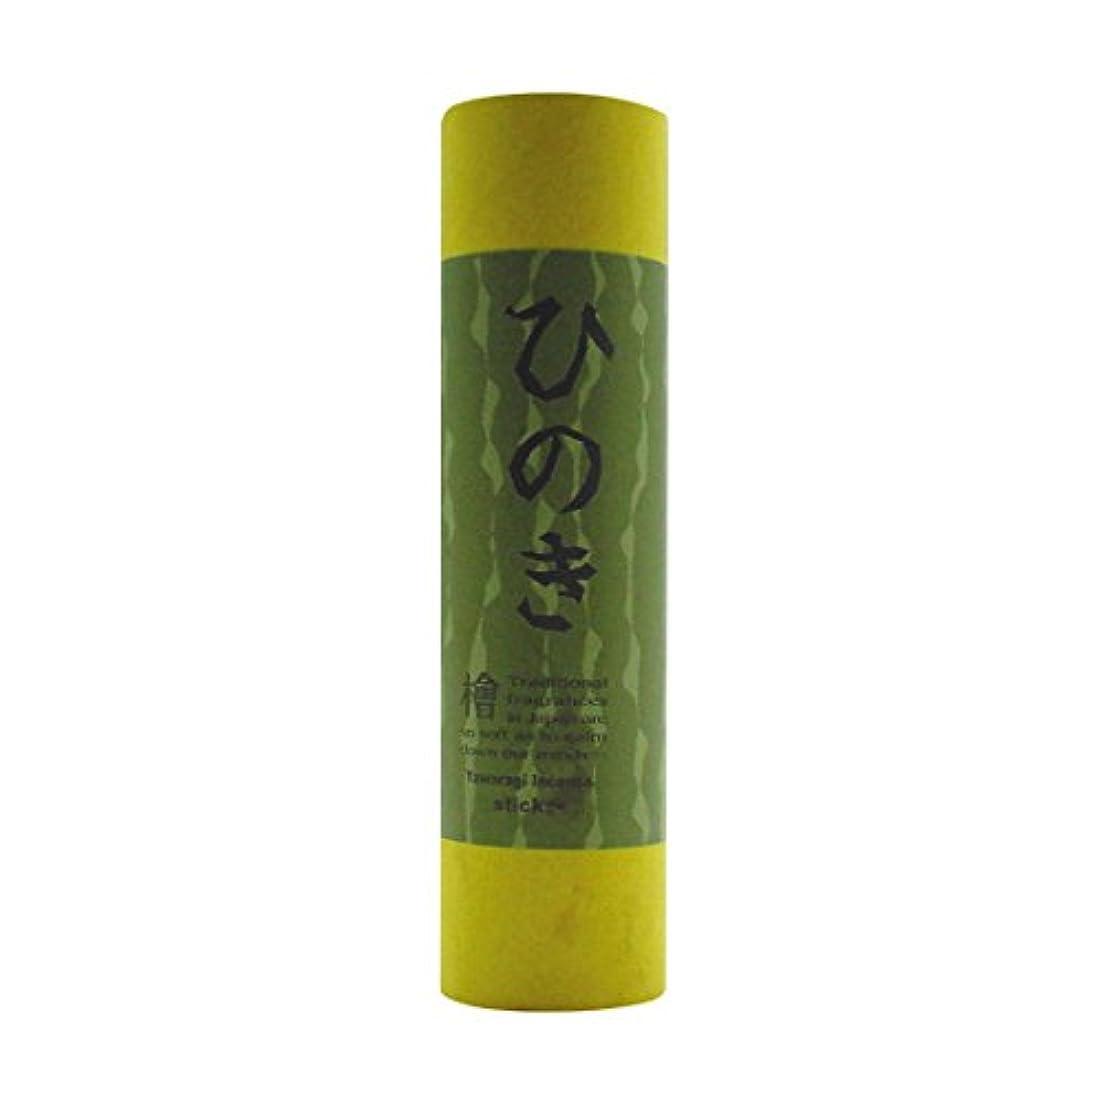 繊維バンドル元気和のお香 スティック ひのき 15本(スティックタイプインセンス)